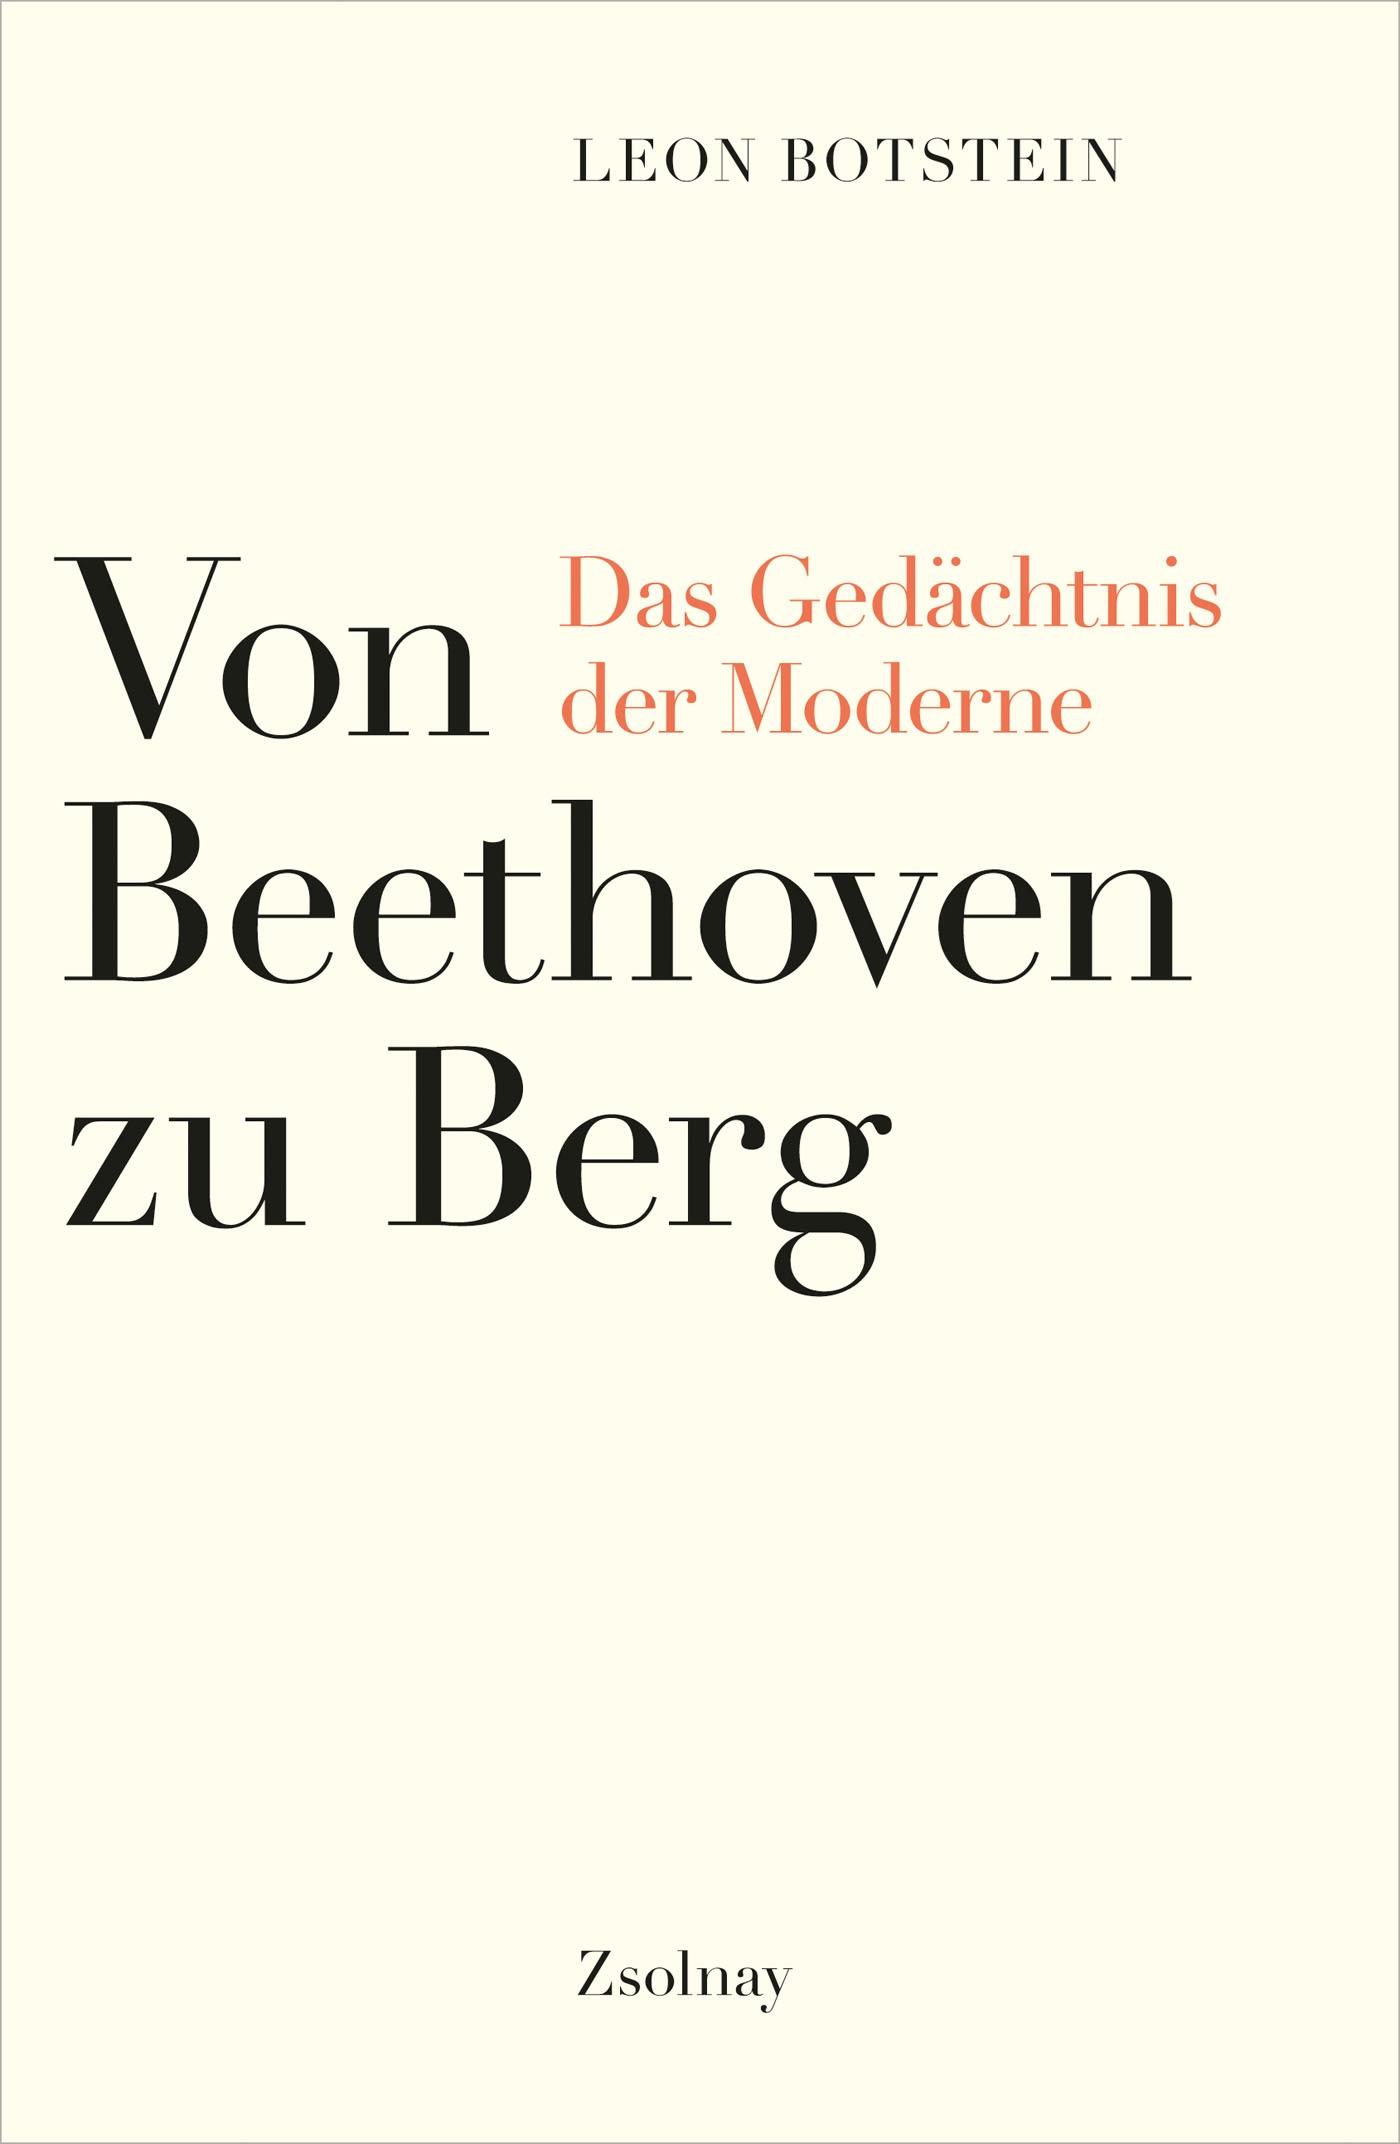 Von Beethoven zu Berg